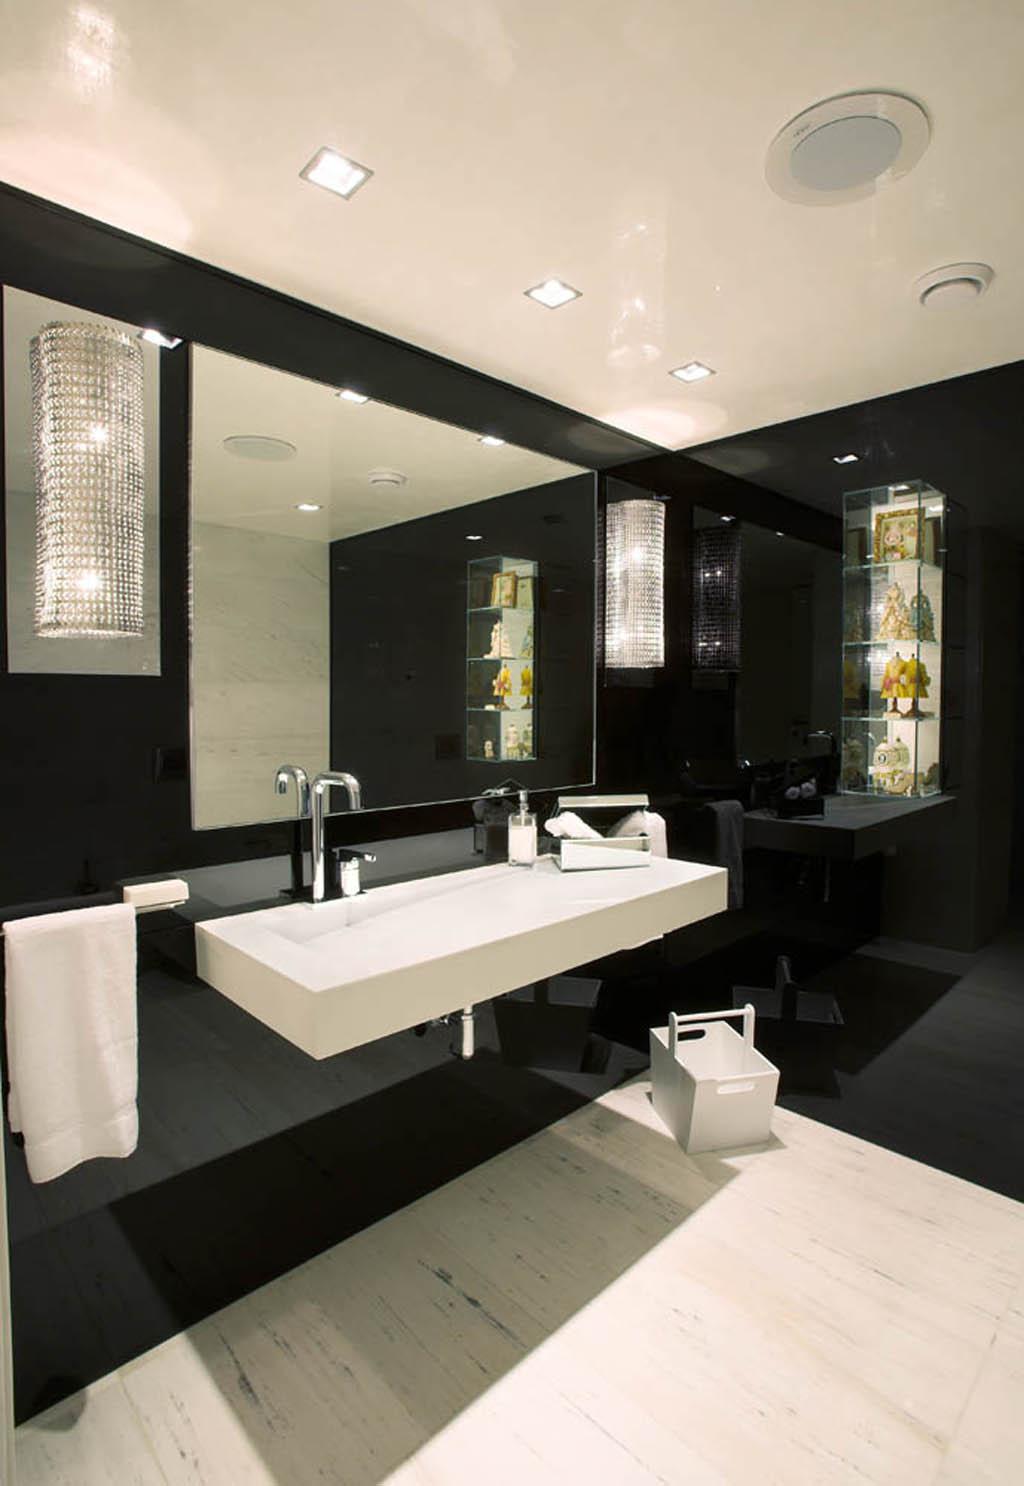 Nesse banheiro a cor preta predomina. Os destaques ficaram para a cor  #A48327 1024x1486 Banheiro Com Bancada Preta